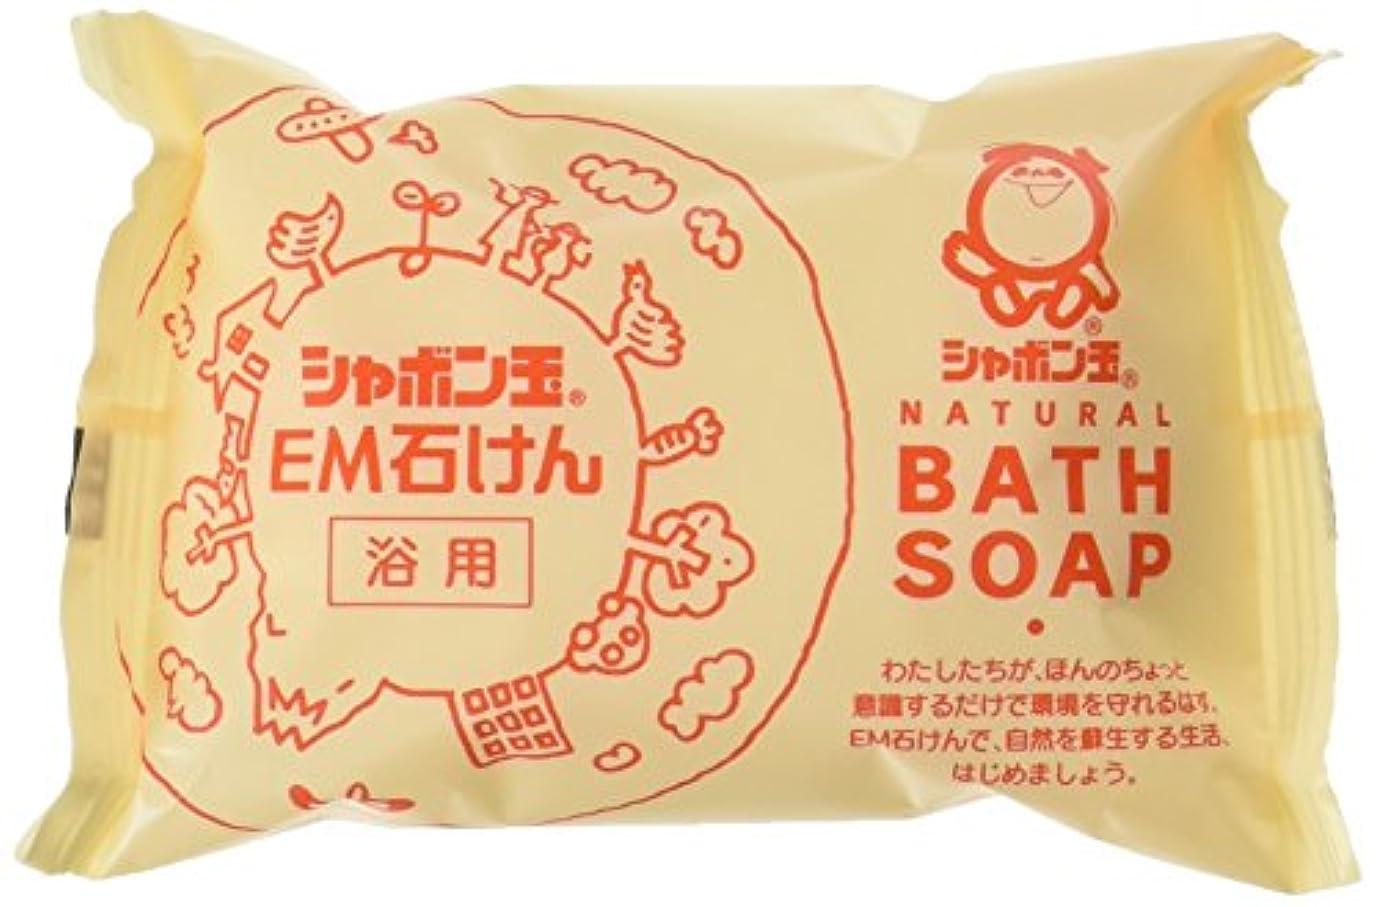 弾性デッドペパーミントシャボン玉EM化粧石けん(浴用)100g (10個セット)